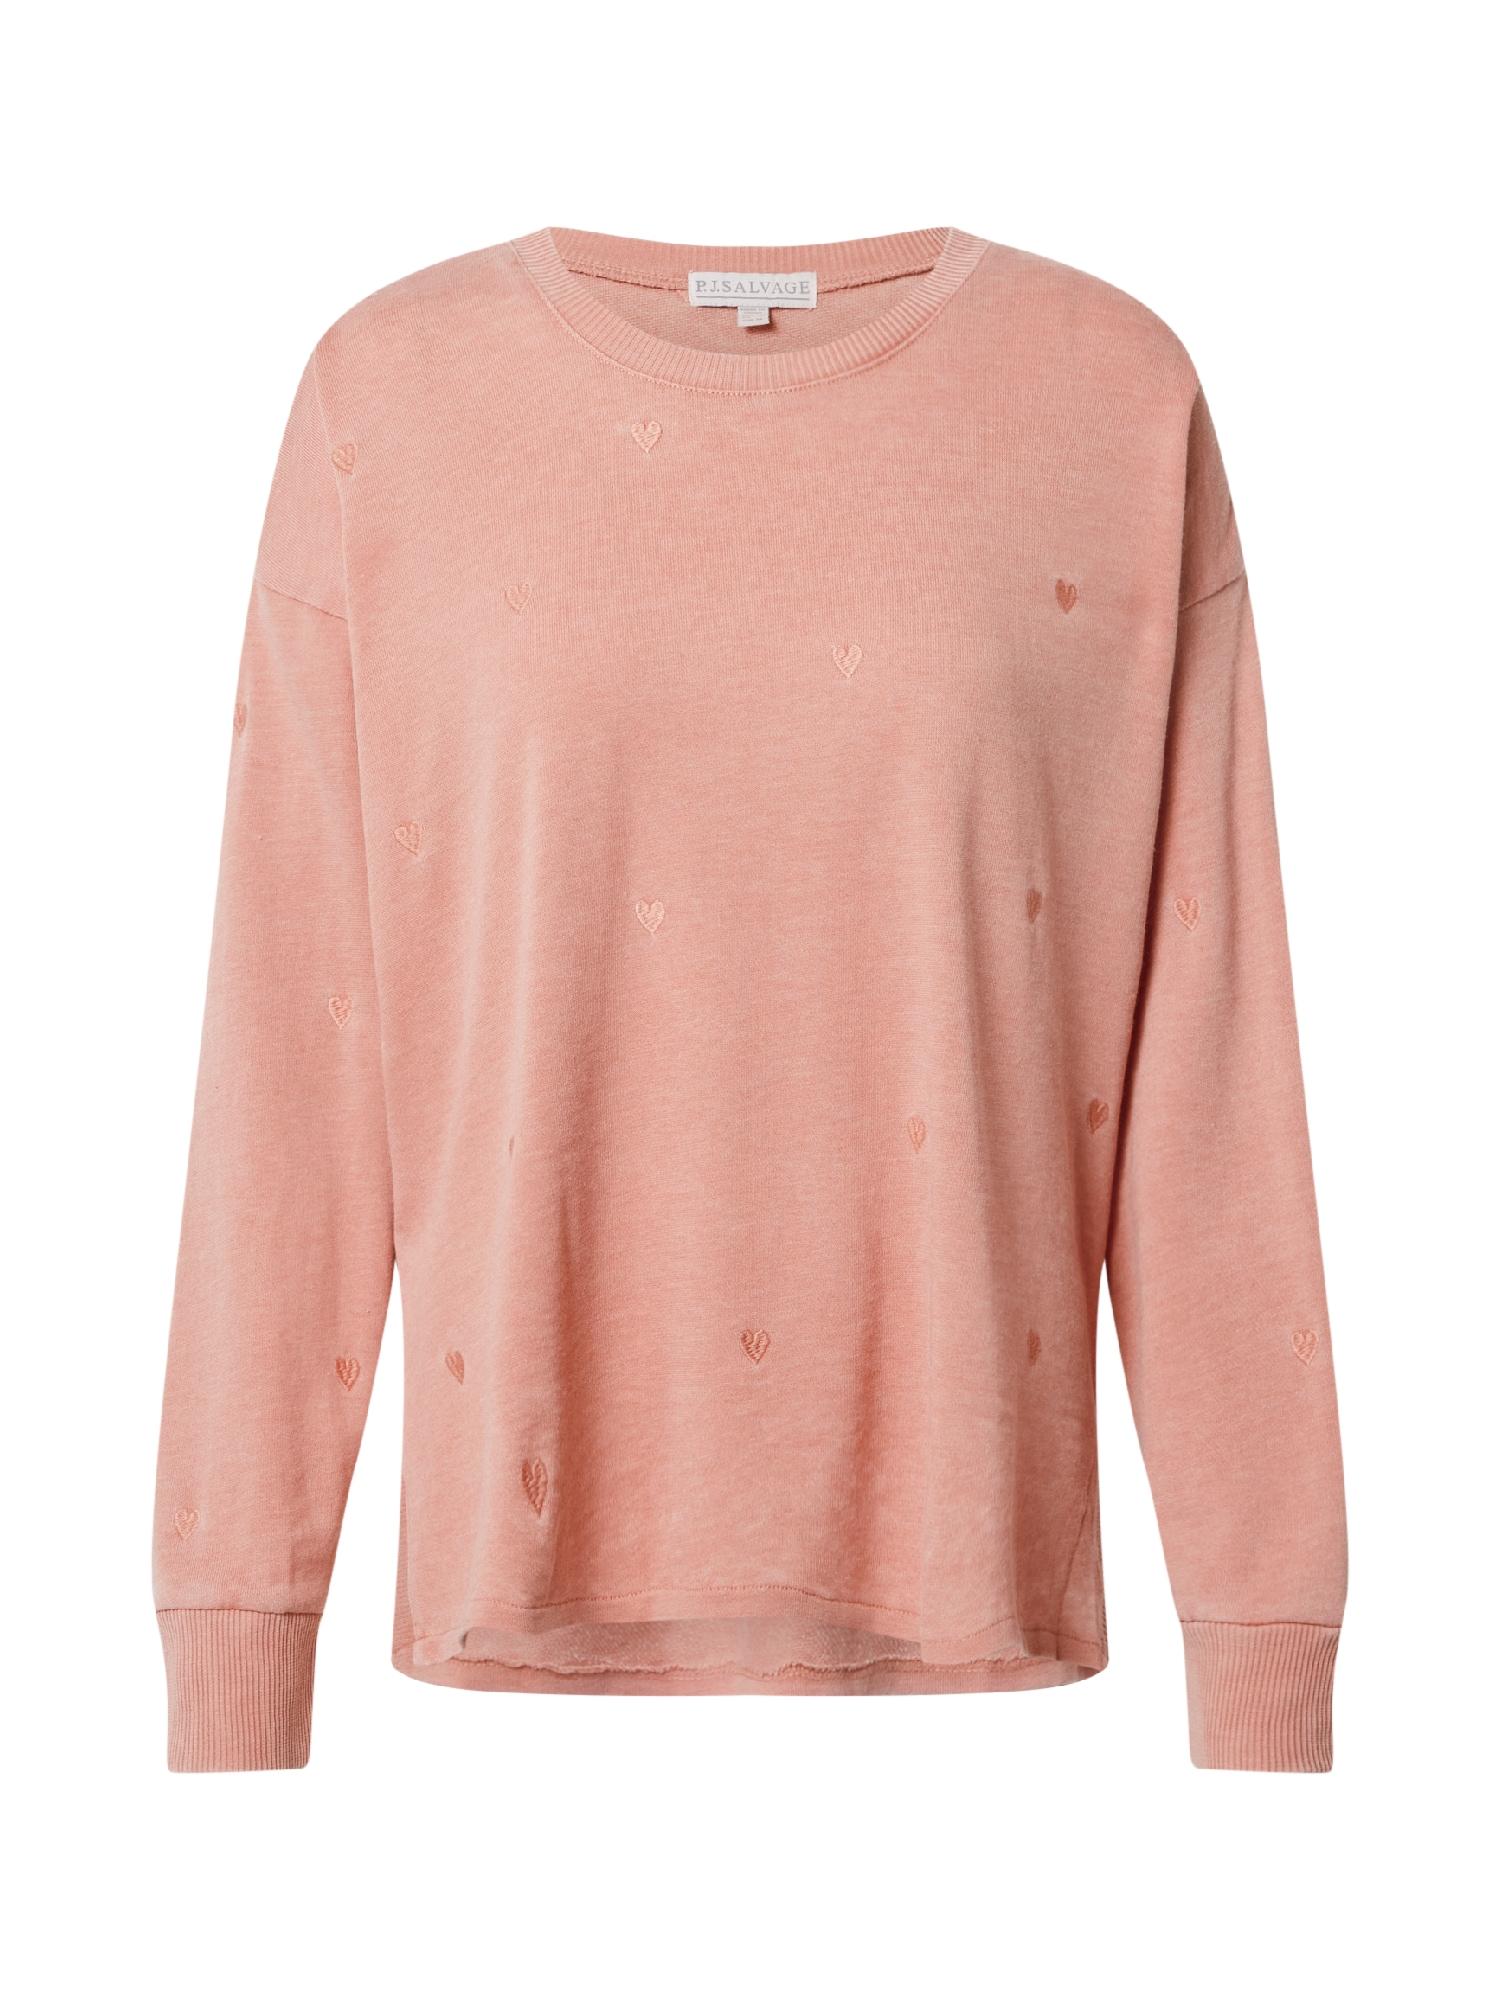 PJ Salvage Pižaminiai marškinėliai ryškiai rožinė spalva